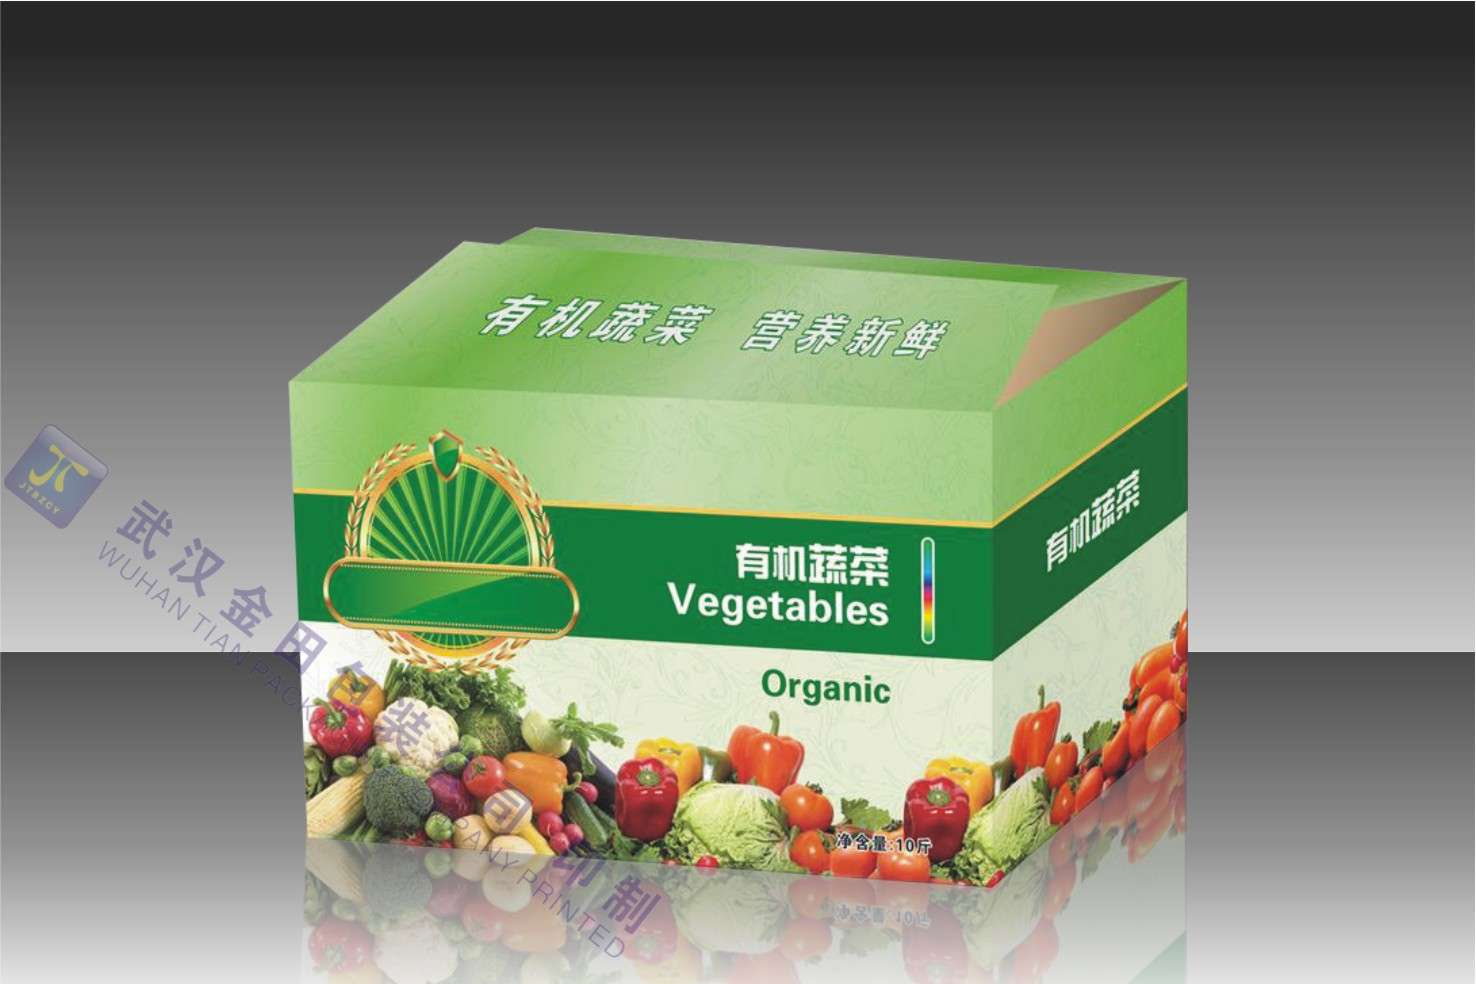 武漢蔬菜包裝|武漢水果包裝|武漢農產品包裝|武漢土特產包裝